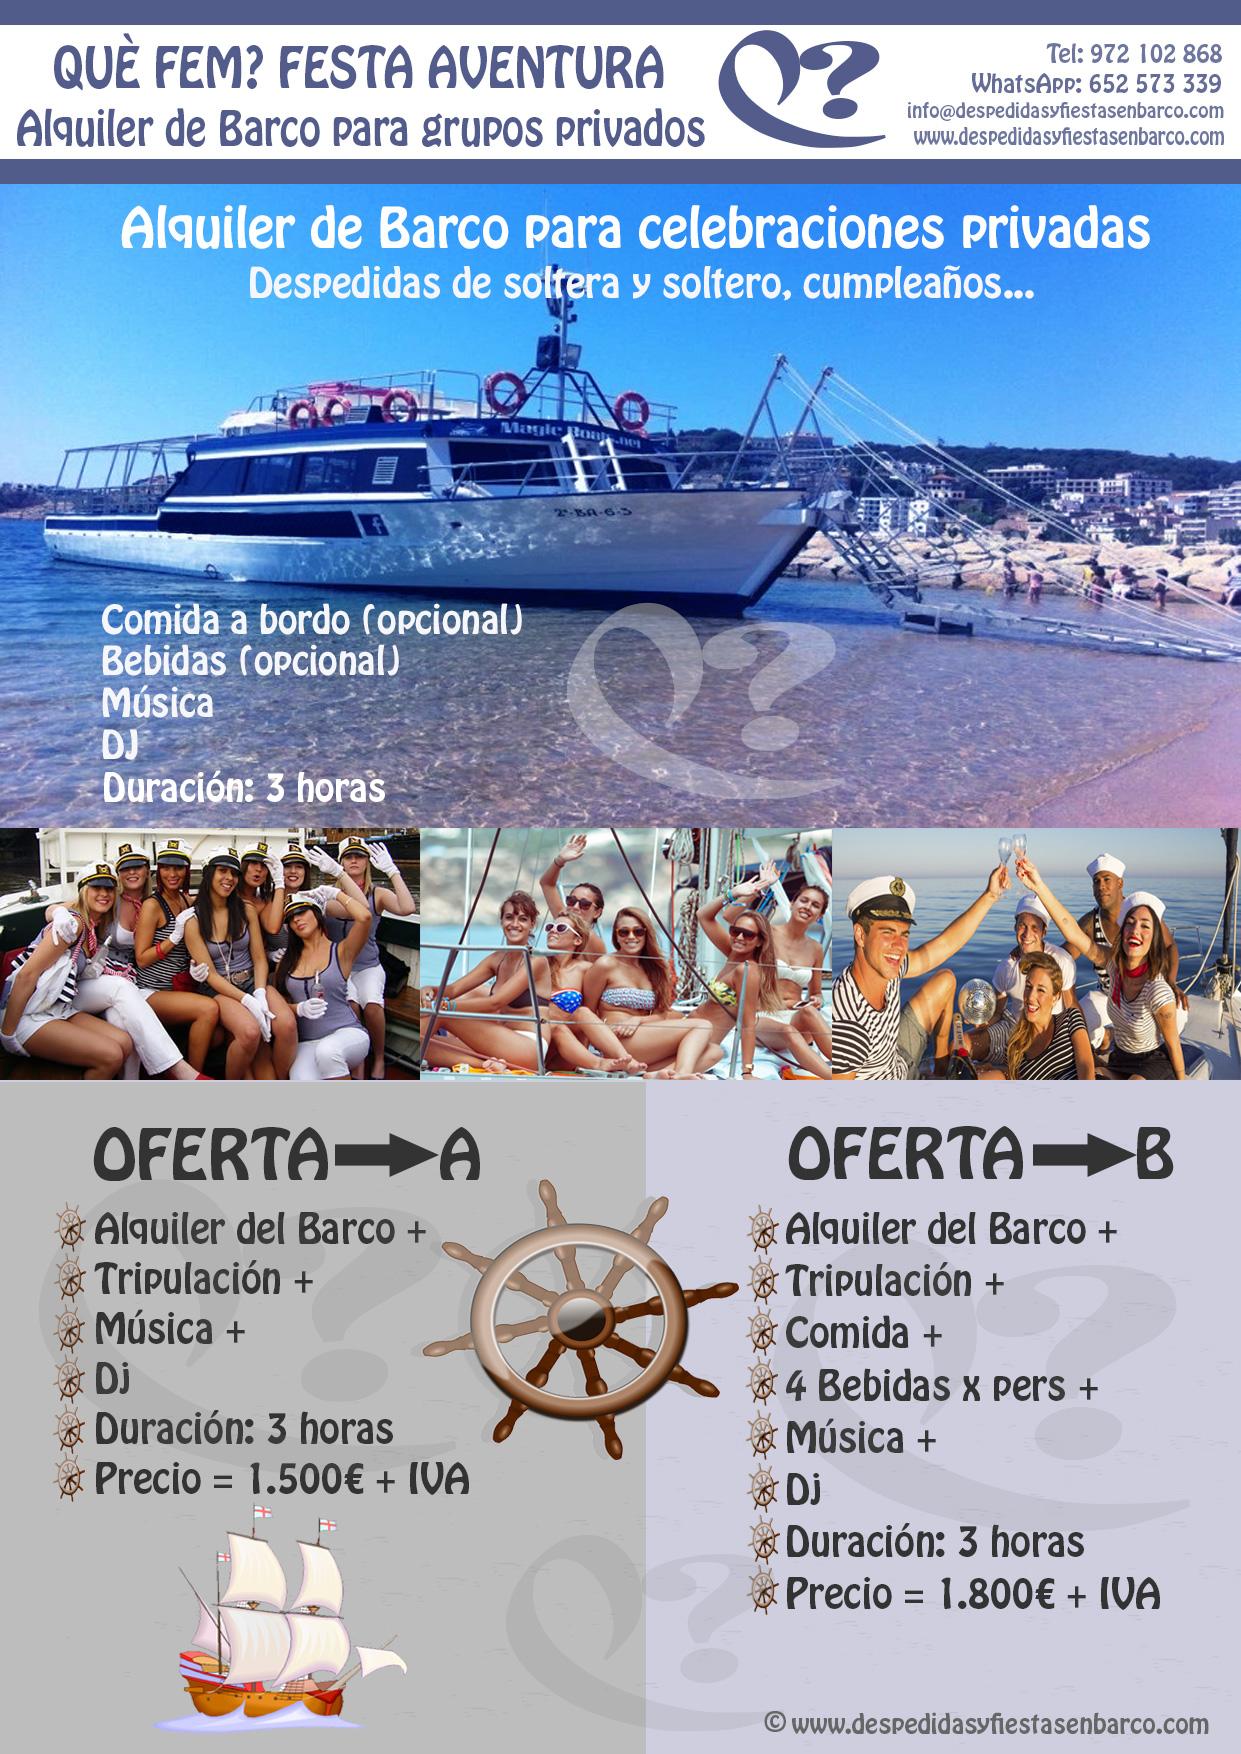 Alquiler de barco para despedidas y fiestas privadas en Platja d'Aro